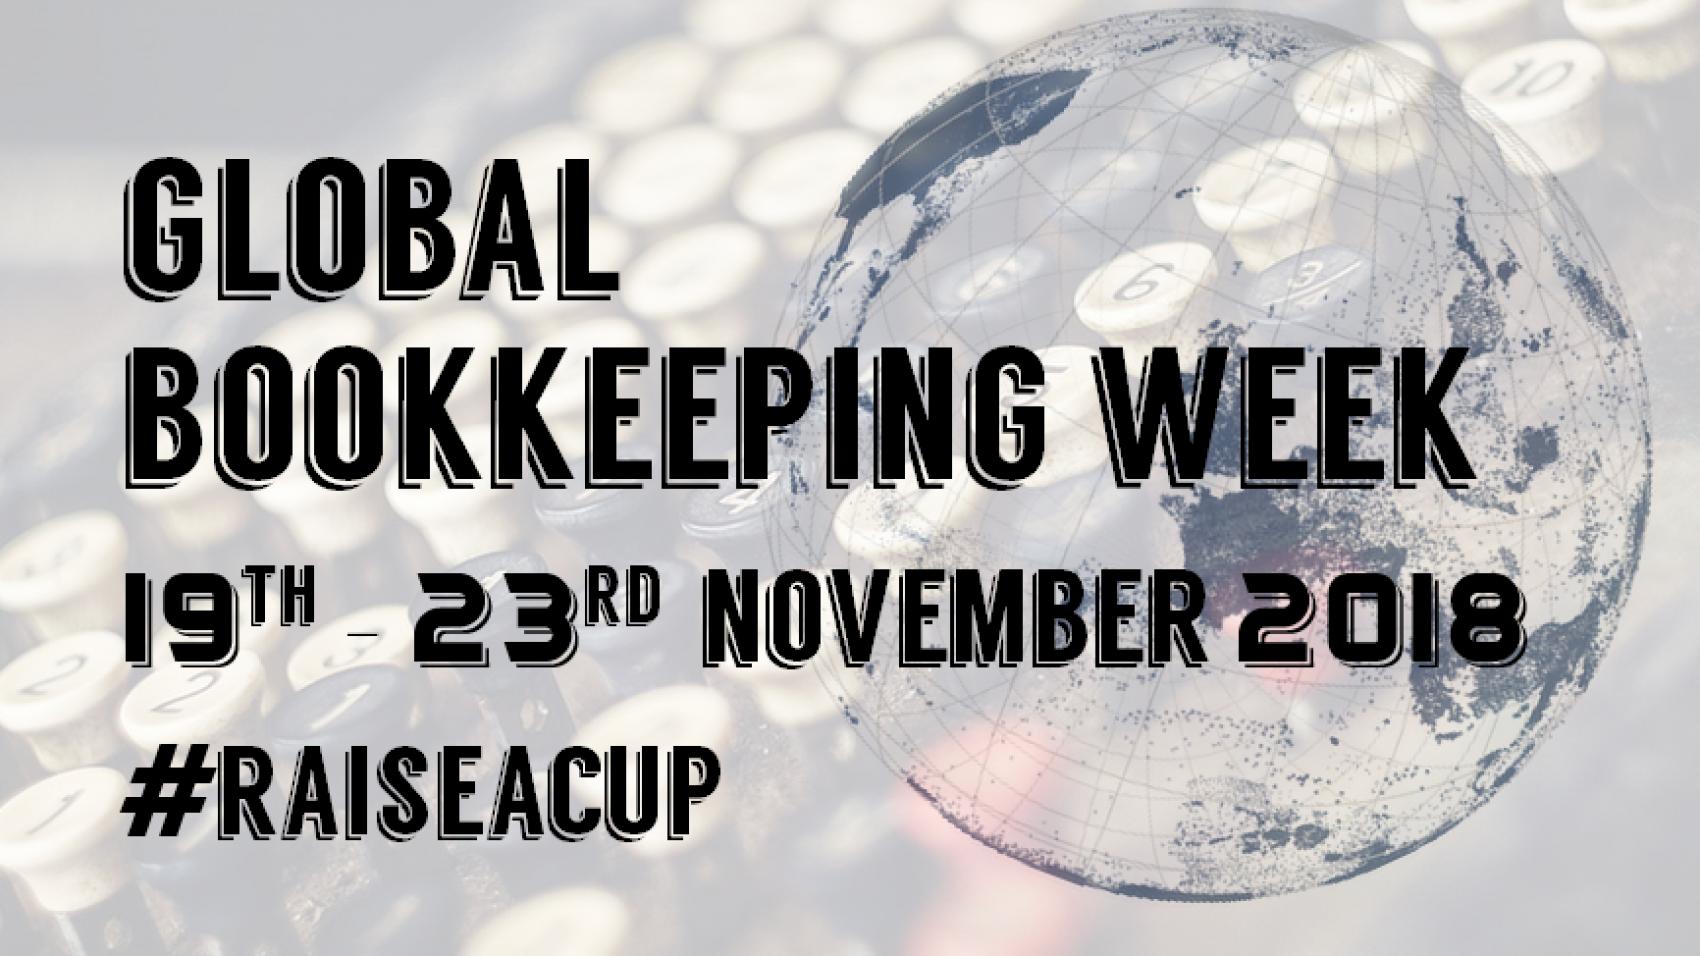 global-bookkeeping-week-logo